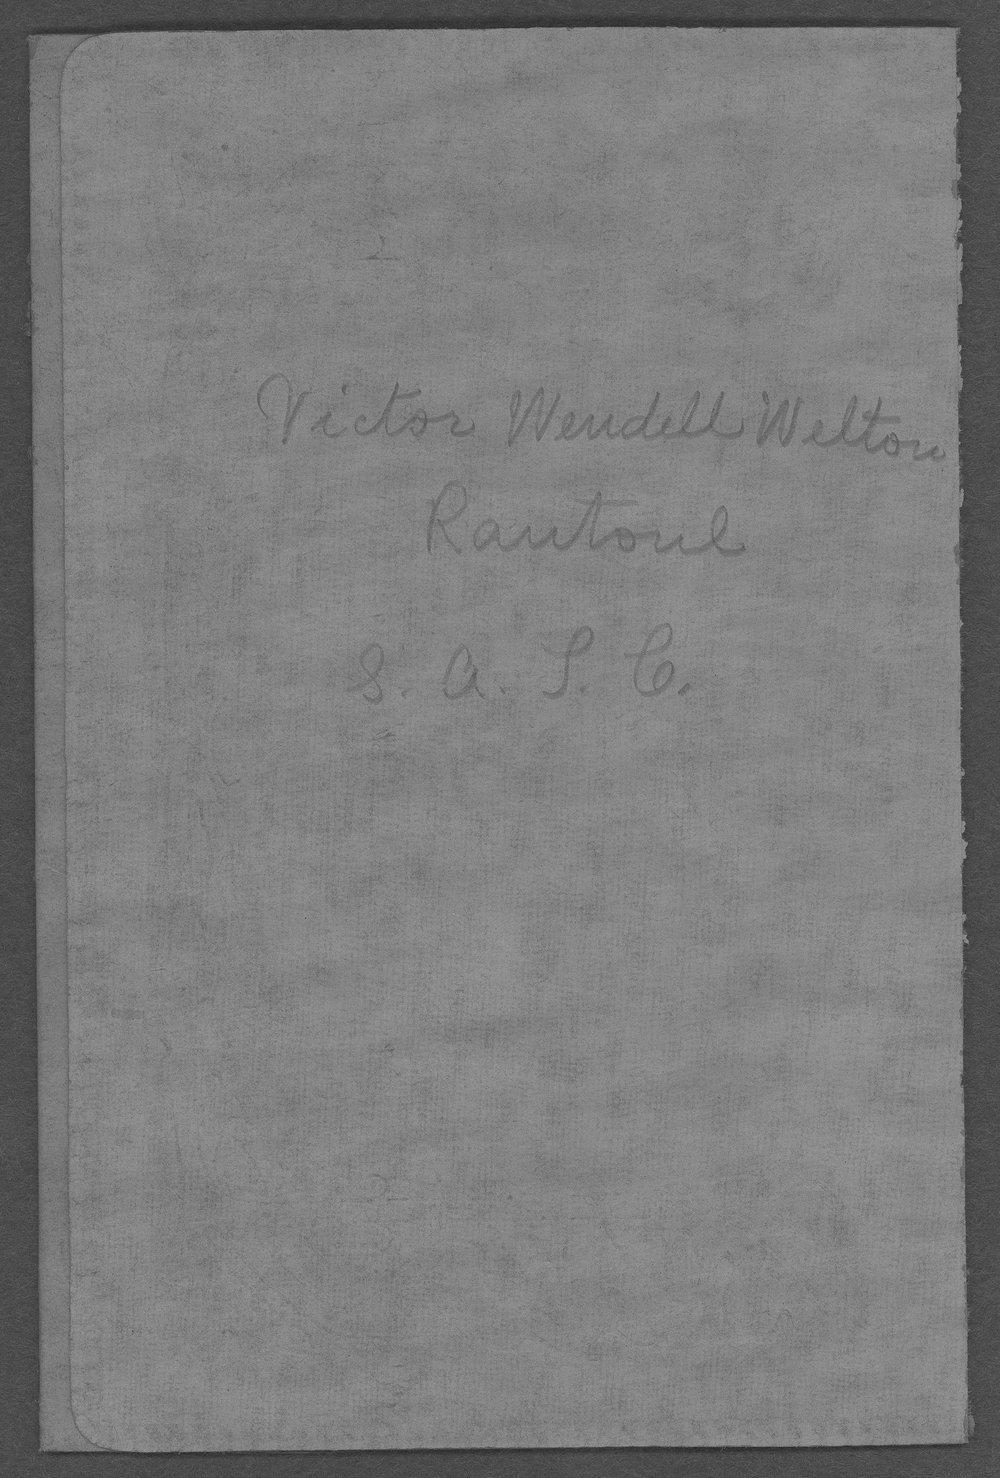 Victor Wendell Welton, World War I soldier - 2